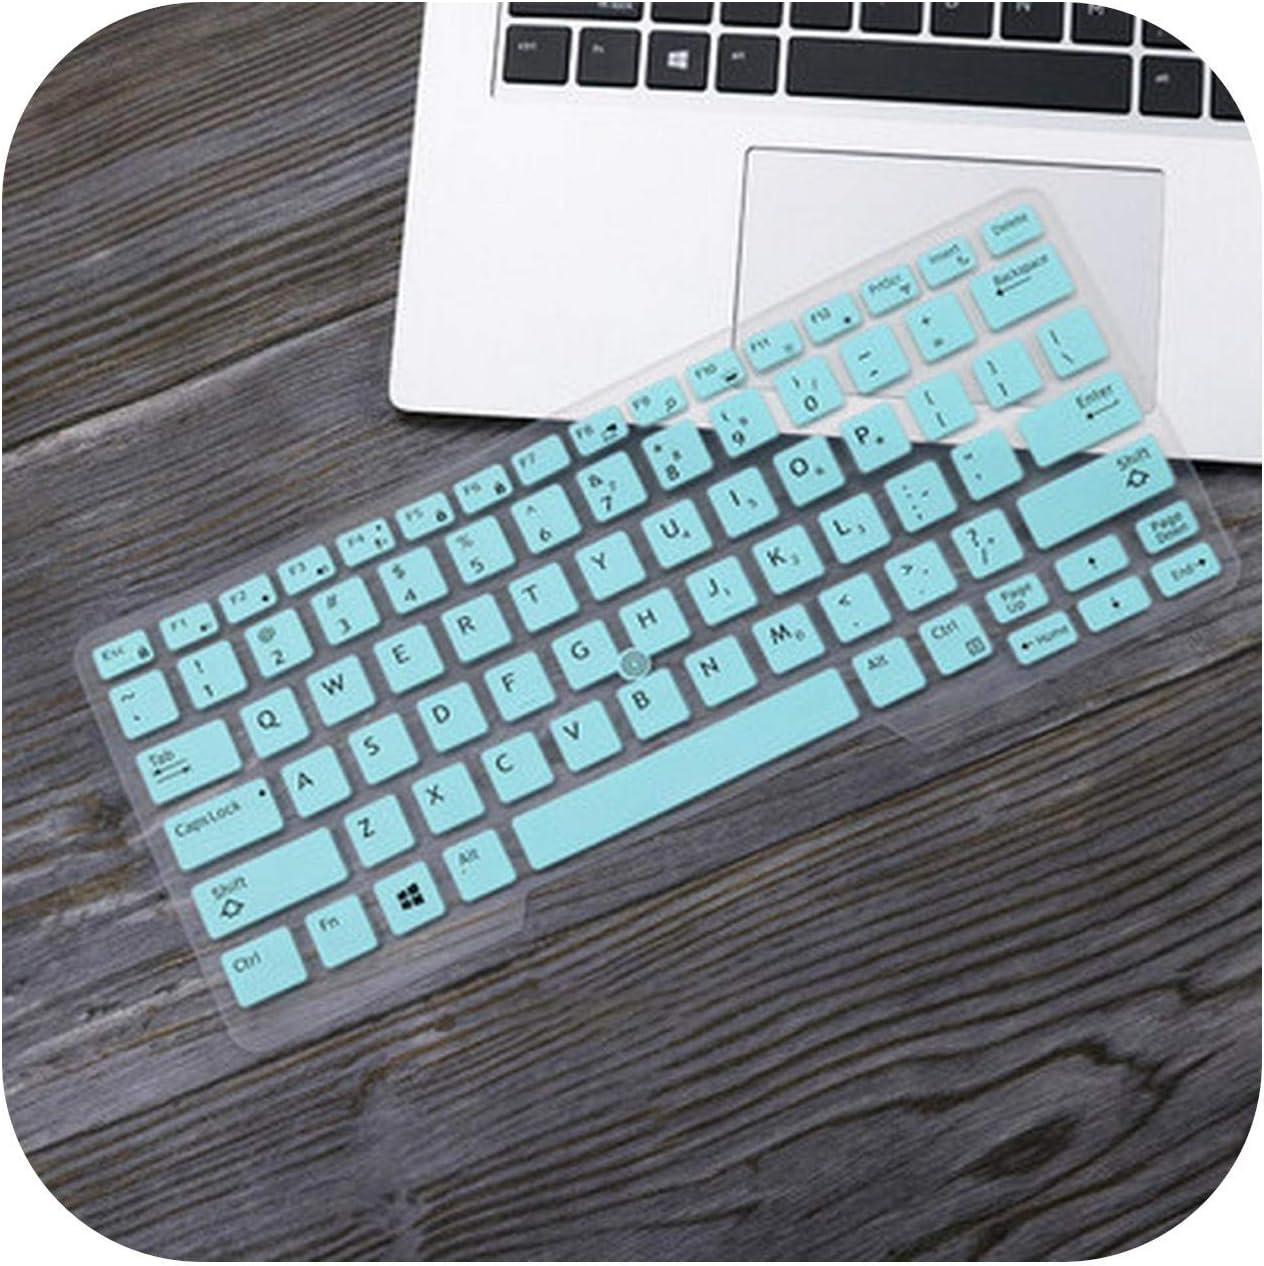 Custodia protettiva per tastiera computer portatile per Dell Latitude 5450 3340 7480 7490 5490 5491 E5450 E5470 E7450 E7490 E5490 nero